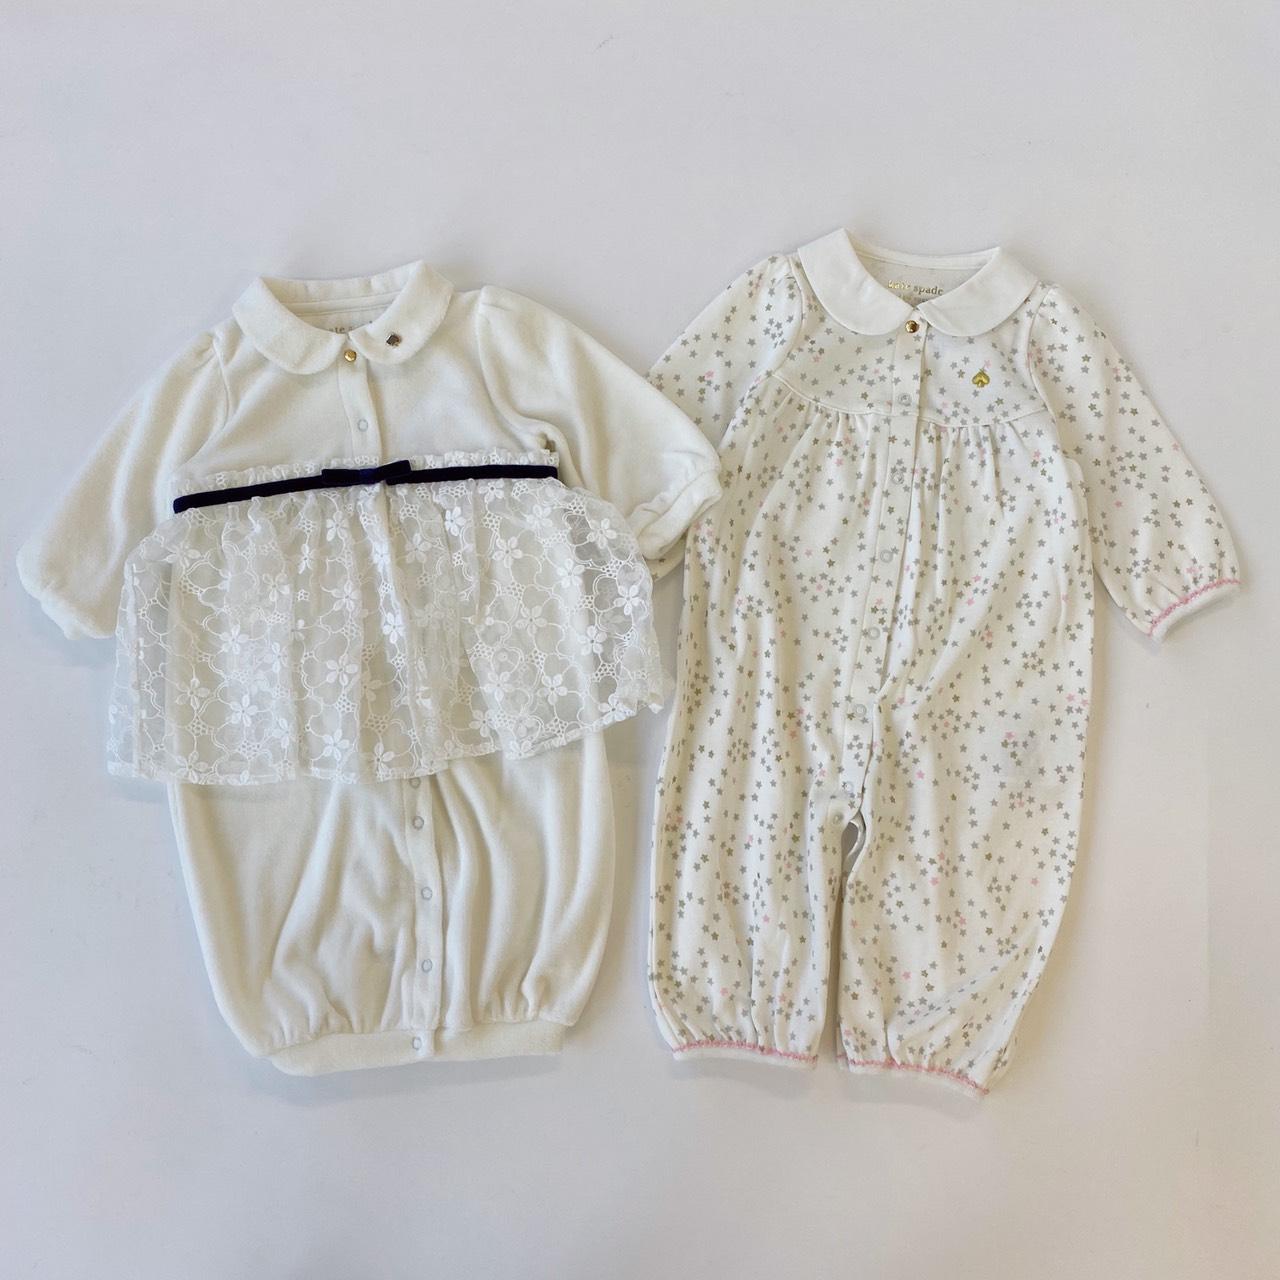 赤ちゃん用品 2WAYオール ケイト・スペード